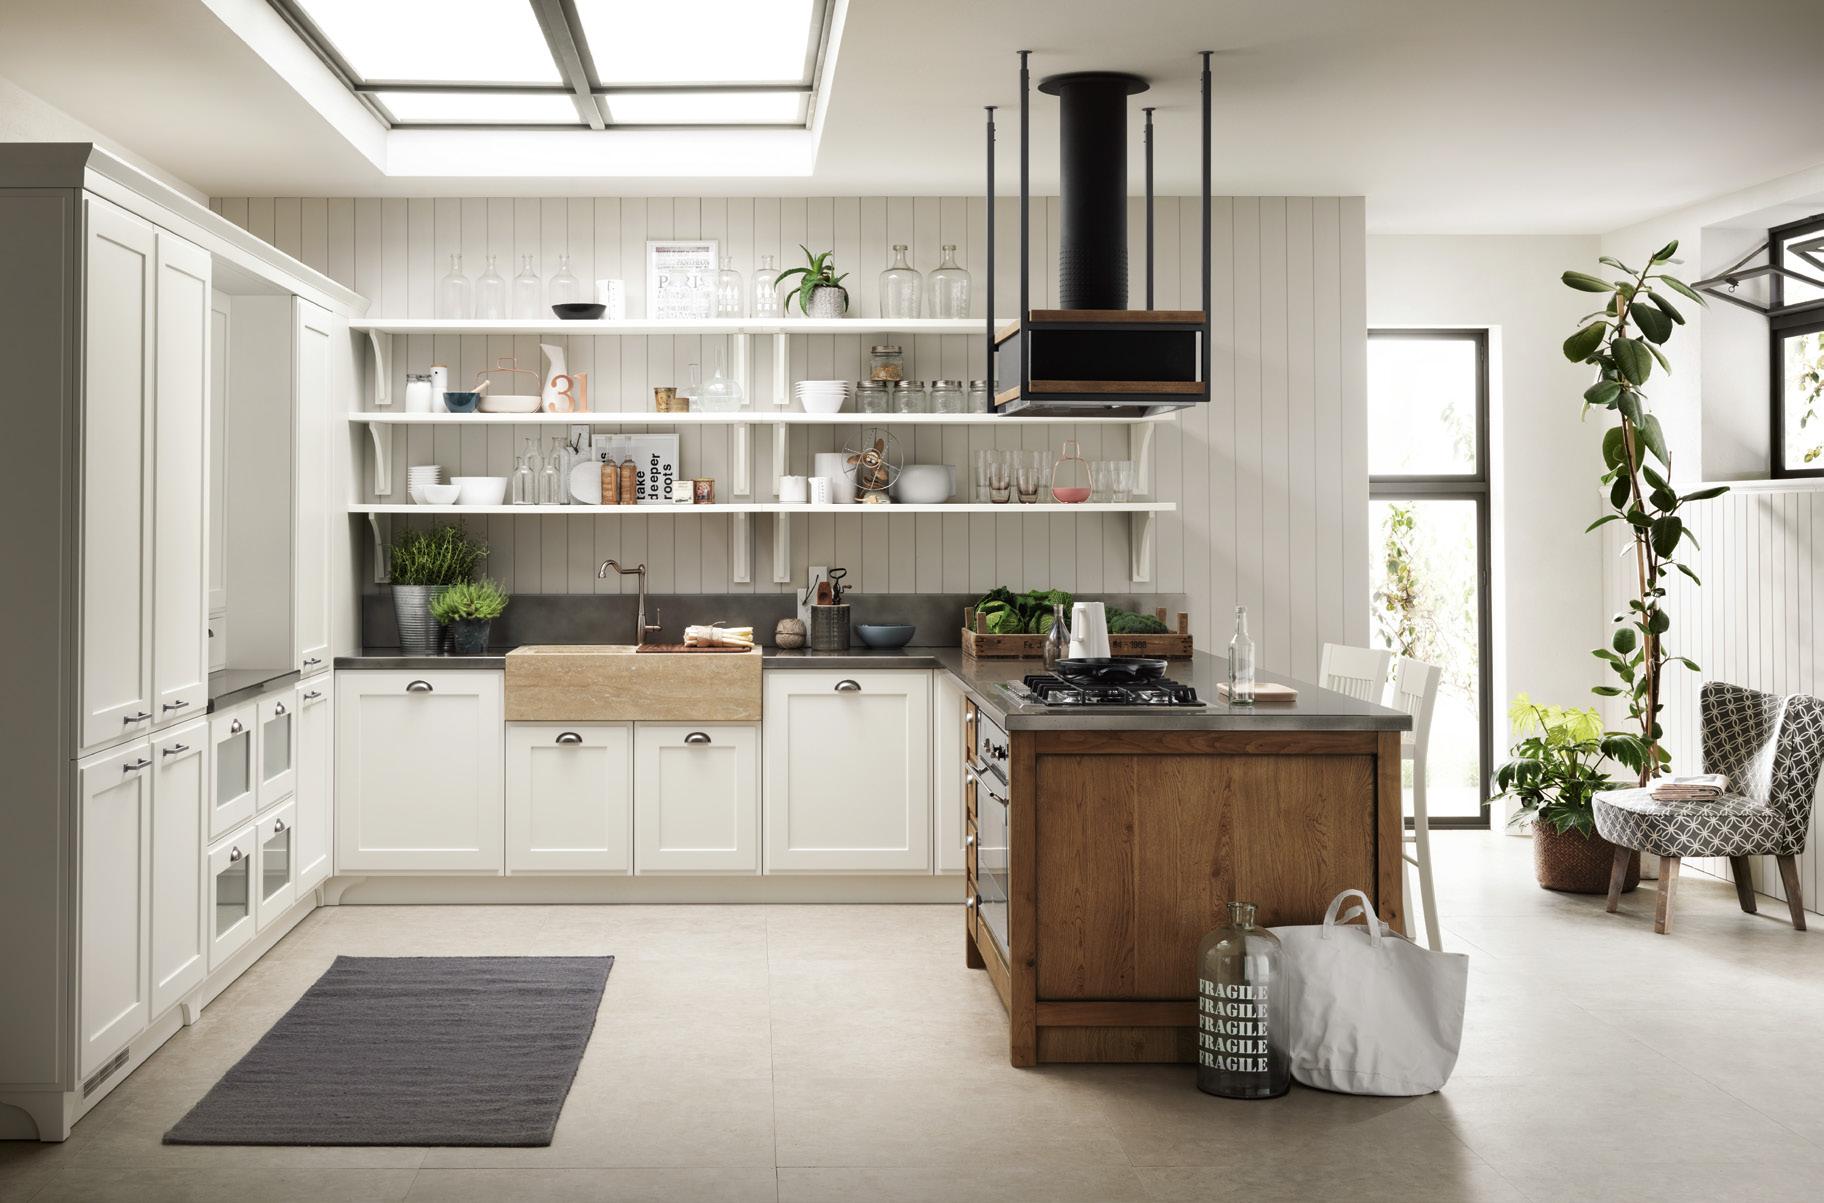 Forma In Un Progetto Raffinato La Cucina Favilla Di Scavolini #4E5C30 1824 1203 Immagini Cucine Moderne Con Isola